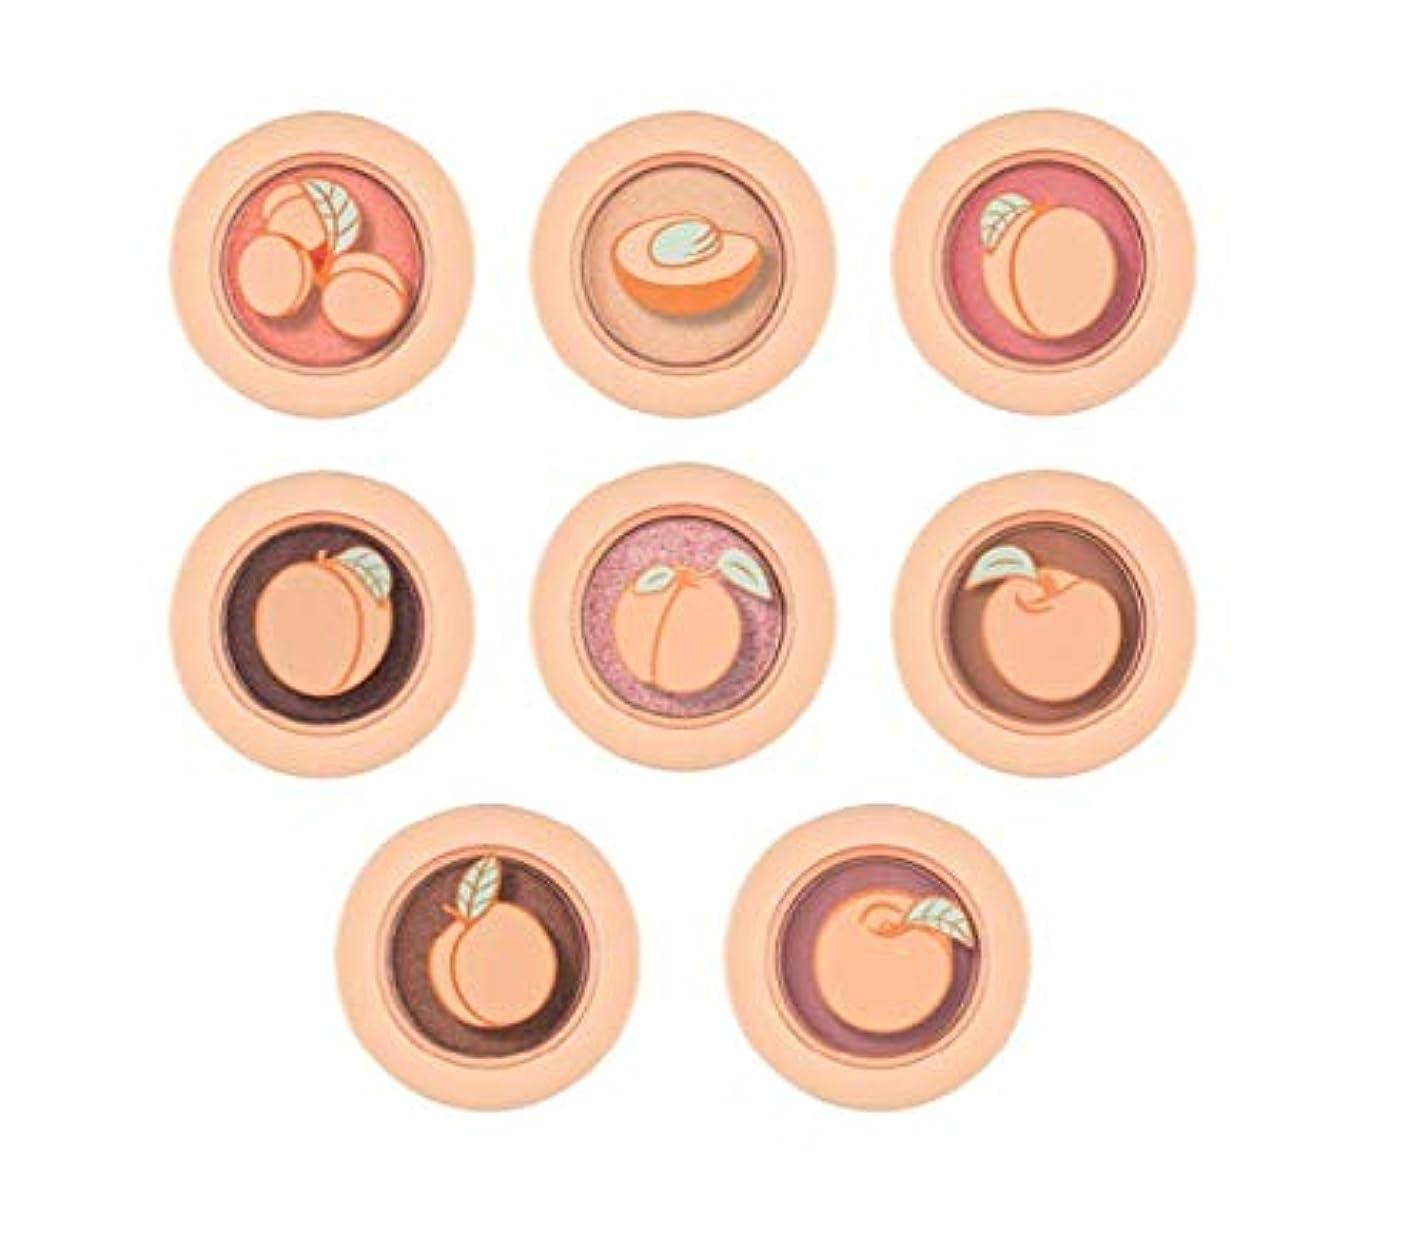 検索エンジン最適化簡潔な息切れ【アリタウム.aritaum](公式)モノアイズアプリコットコレクション/mono eyes collection (S26)